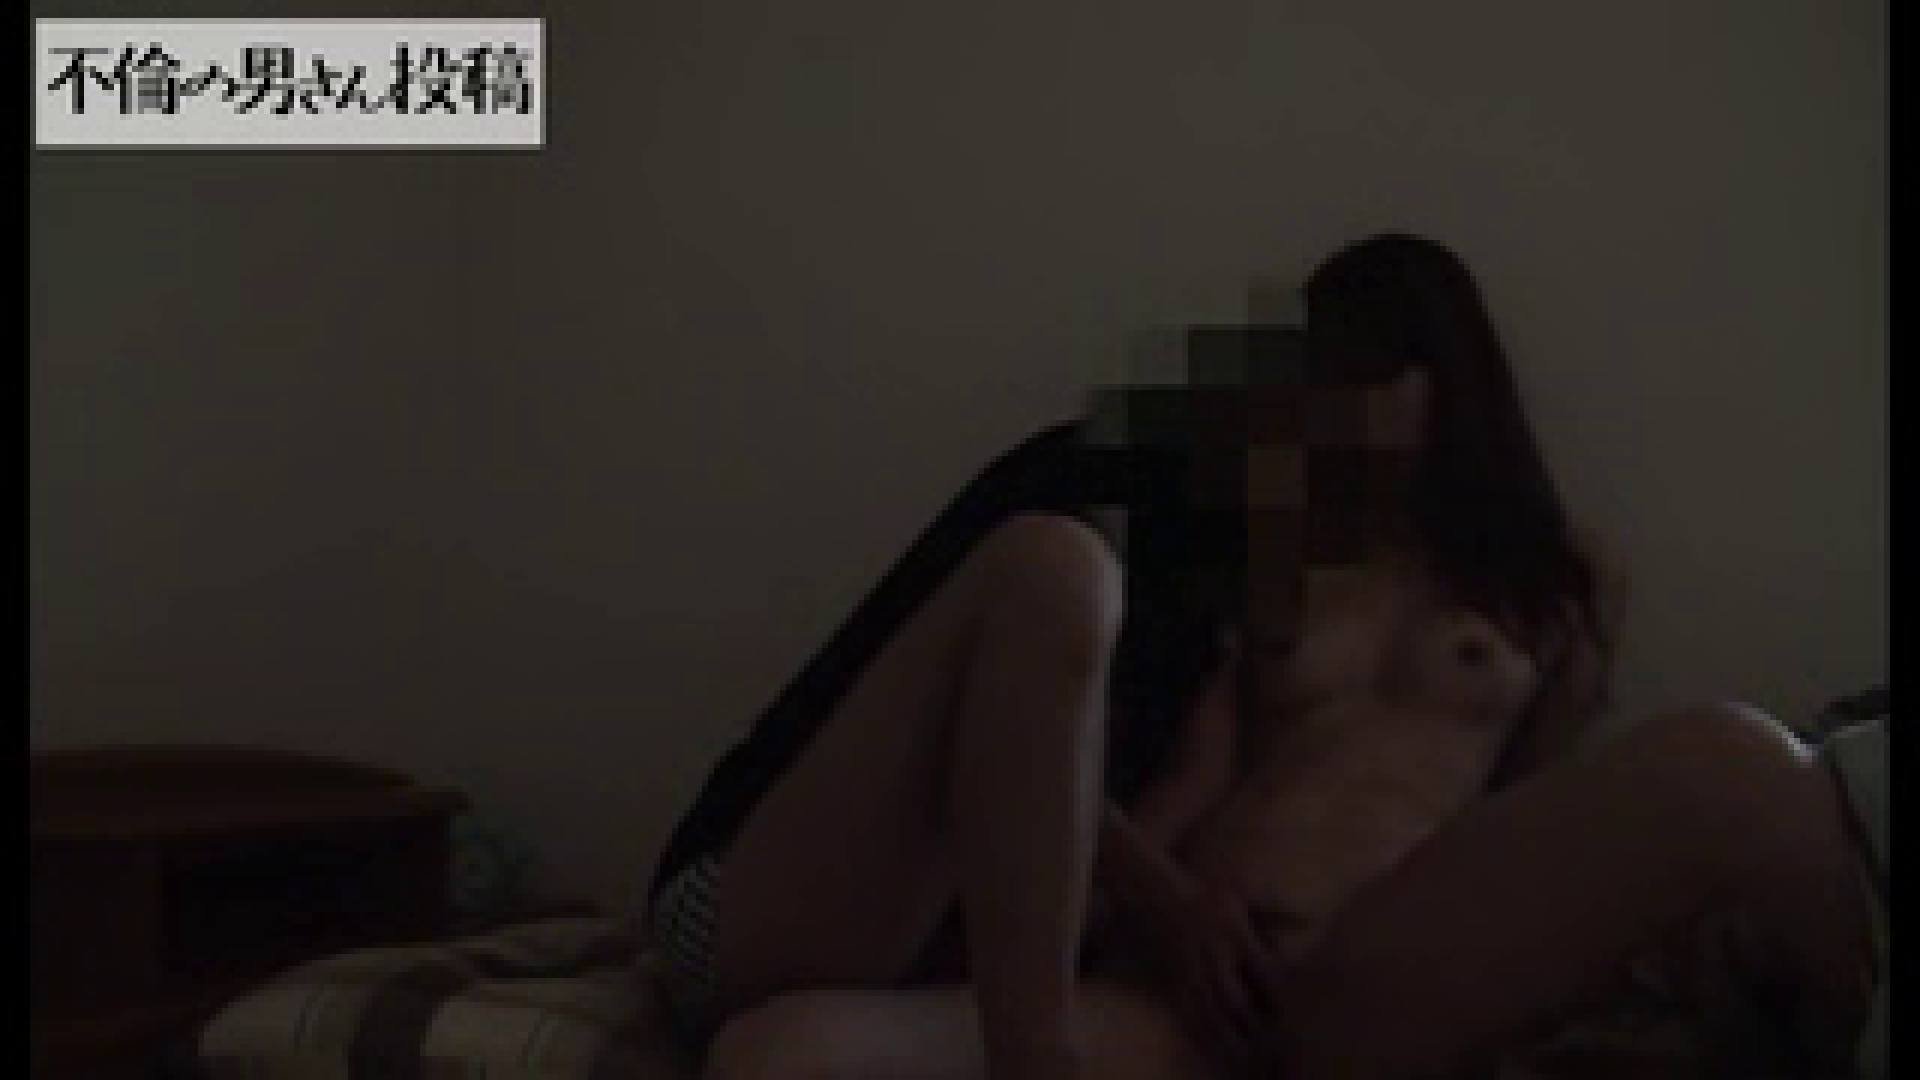 会計事務所勤務 高橋みゆき30歳 W不倫の不倫部屋の記録4 SEX映像 | 投稿映像  101pic 52